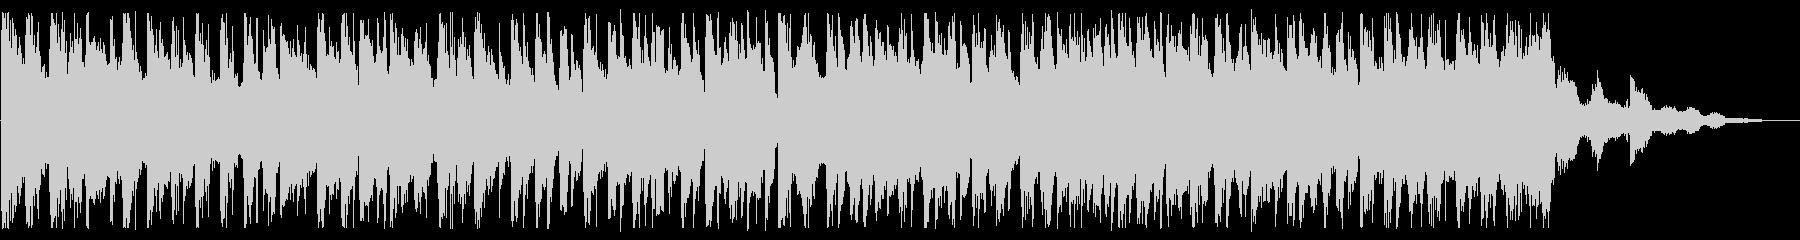 煌びやかなディスコ_No693_4の未再生の波形